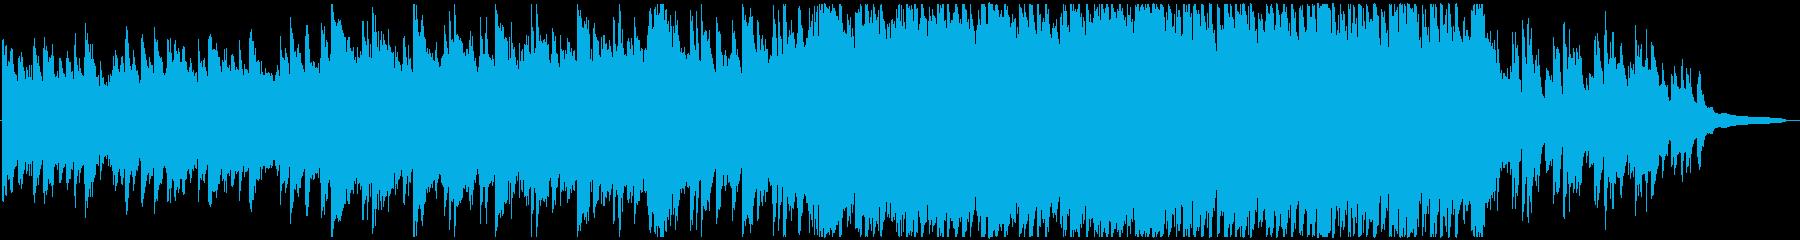 VP系12A、感動的ピアノ&オーケストラの再生済みの波形